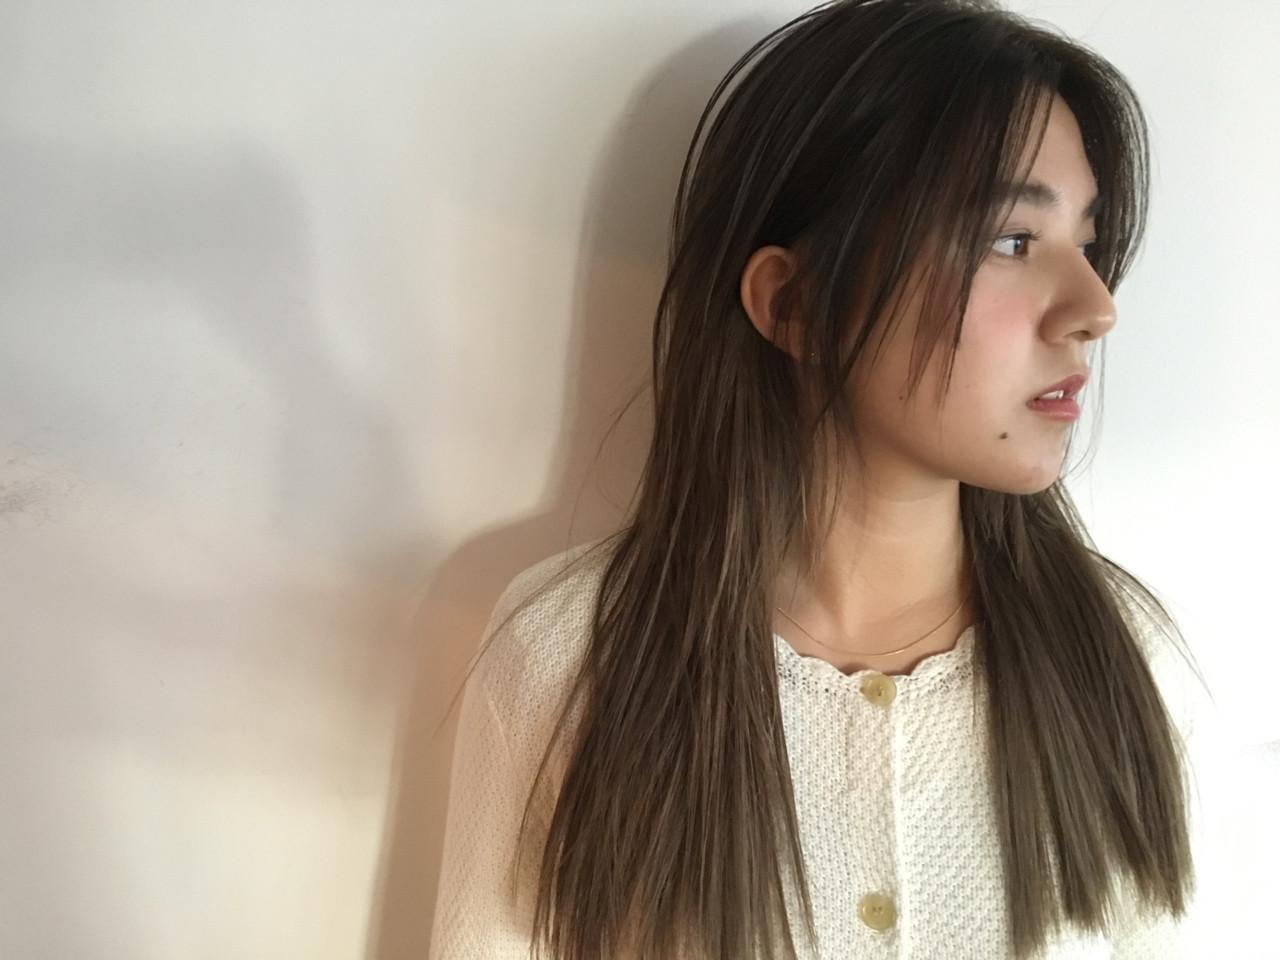 ロング ナチュラル 外国人風カラー ブラントカット ヘアスタイルや髪型の写真・画像